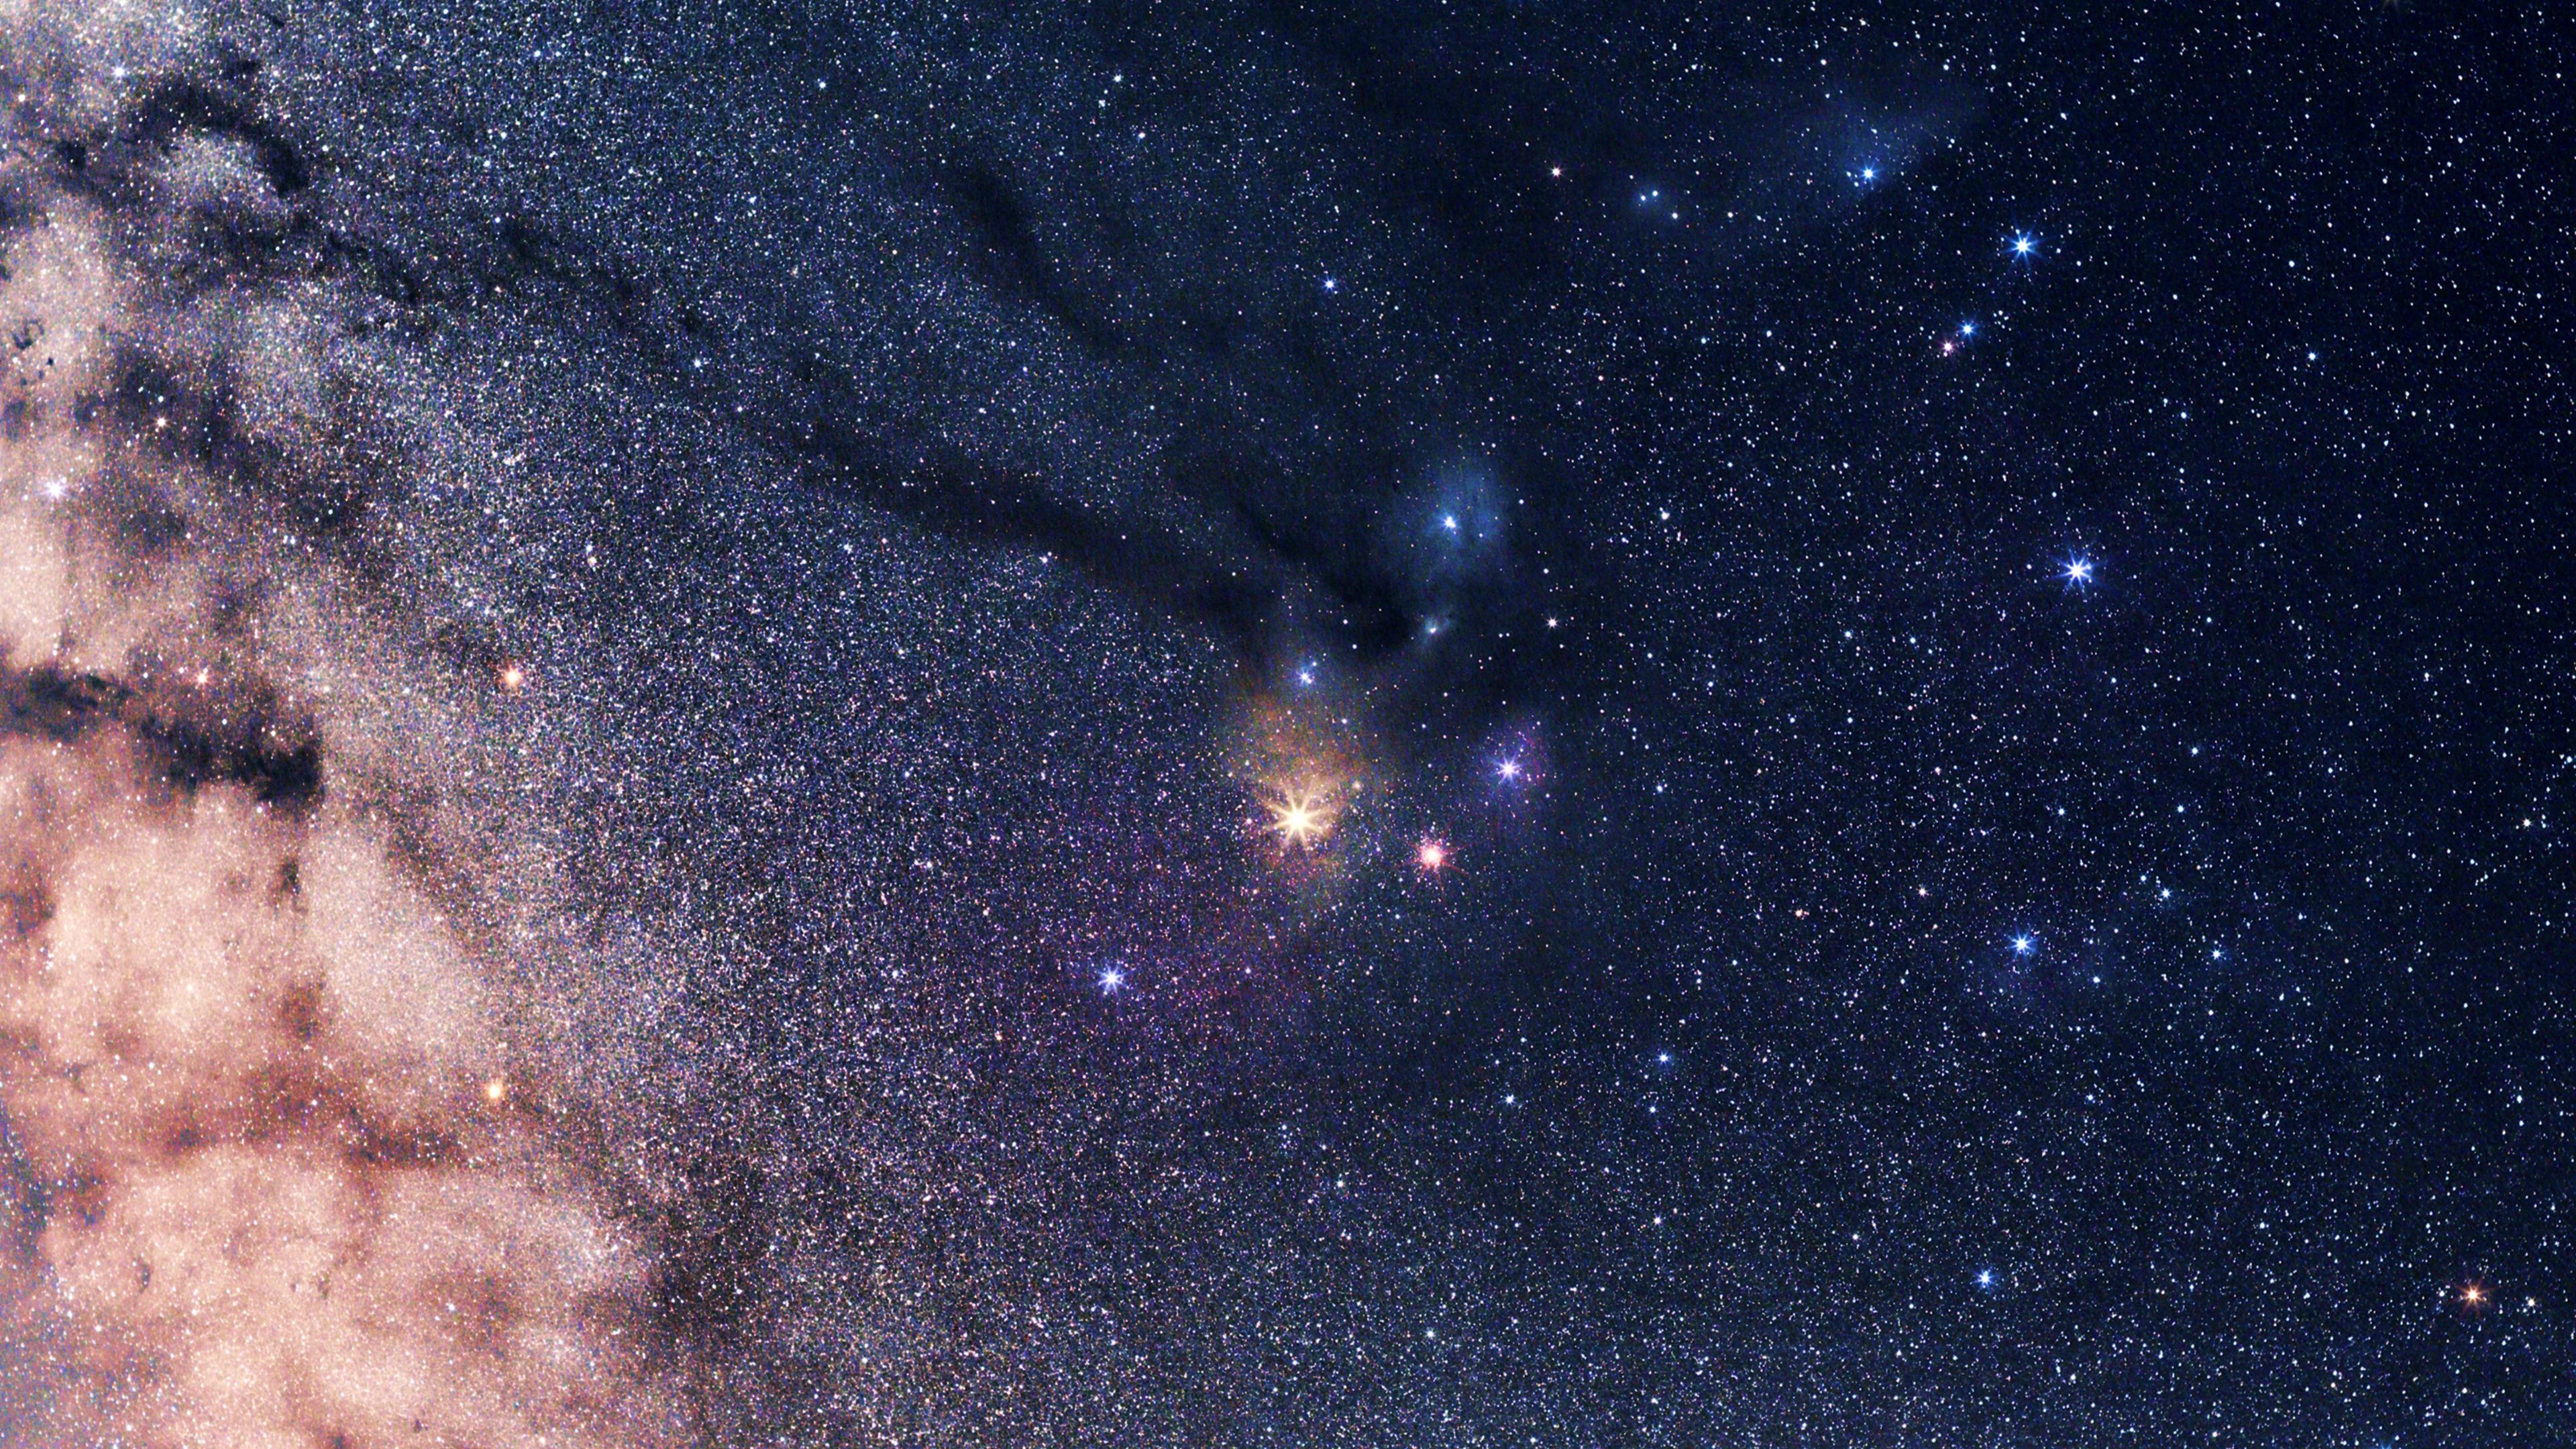 поздравим картинки на обои космос горизонтально родители той сфере